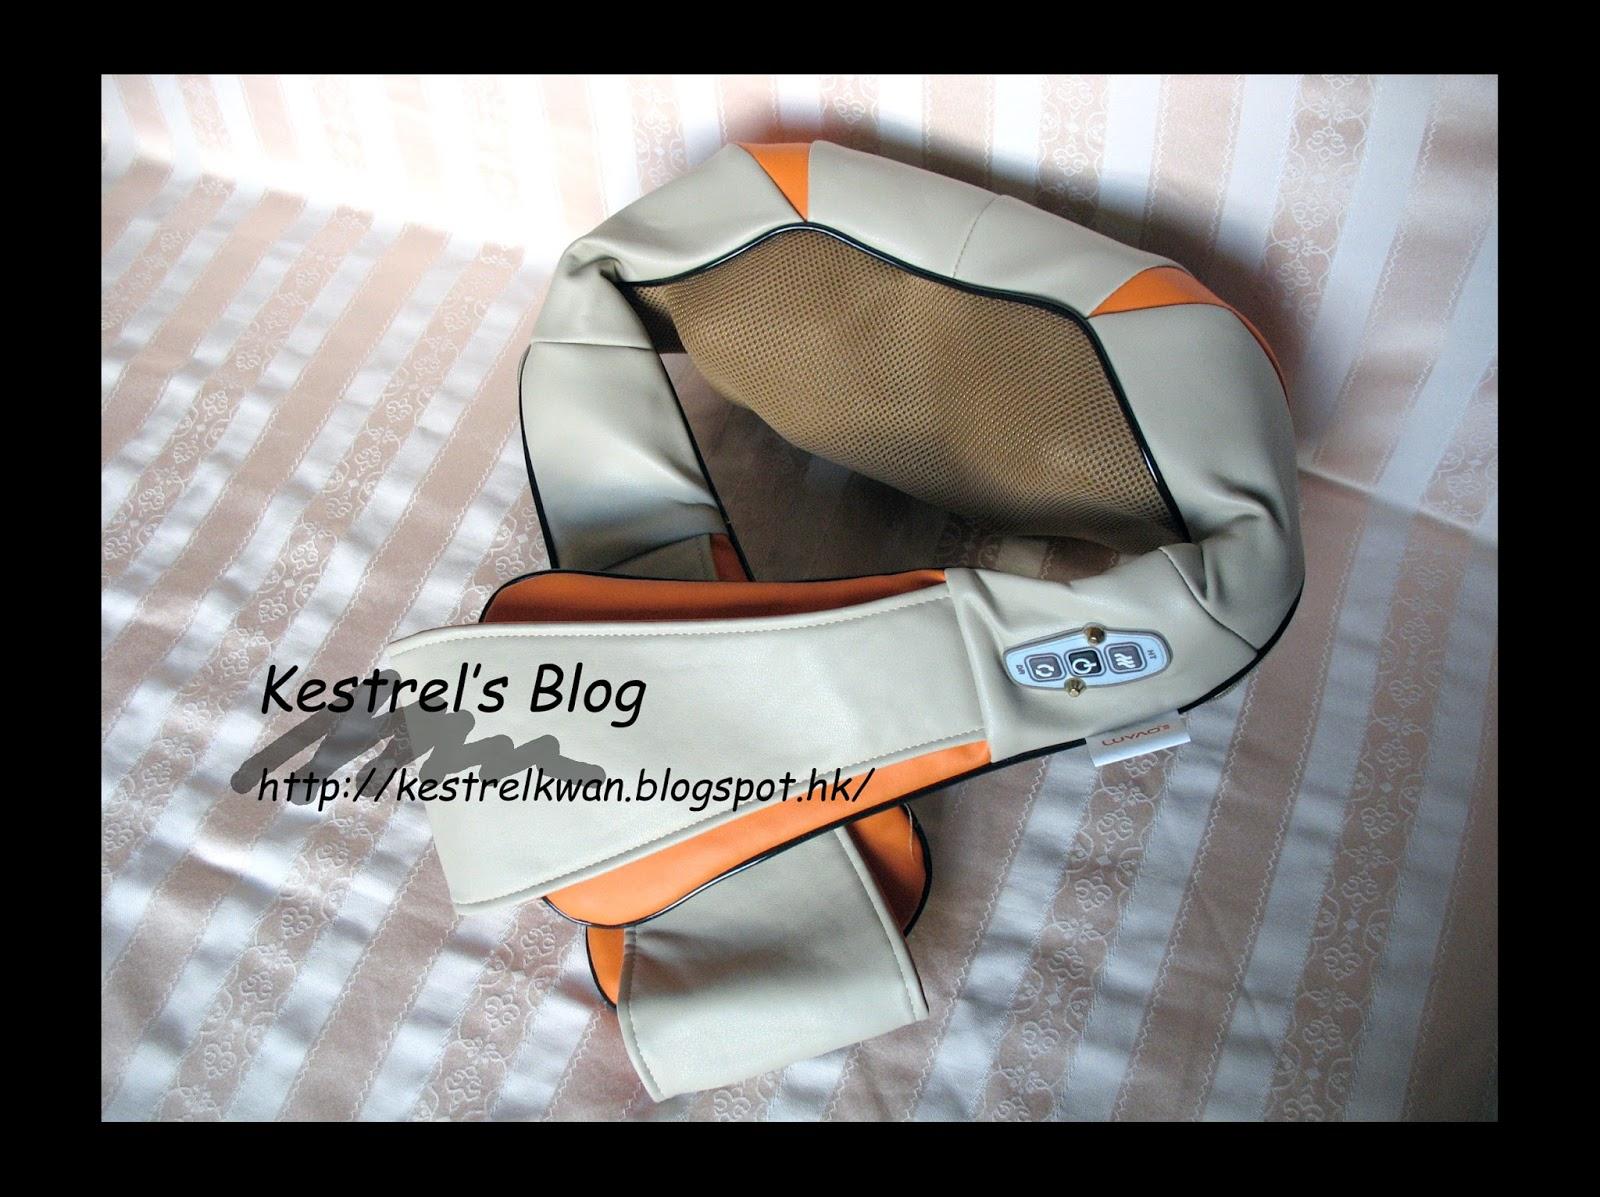 Kestrel's Blog: 肩頸按摩器